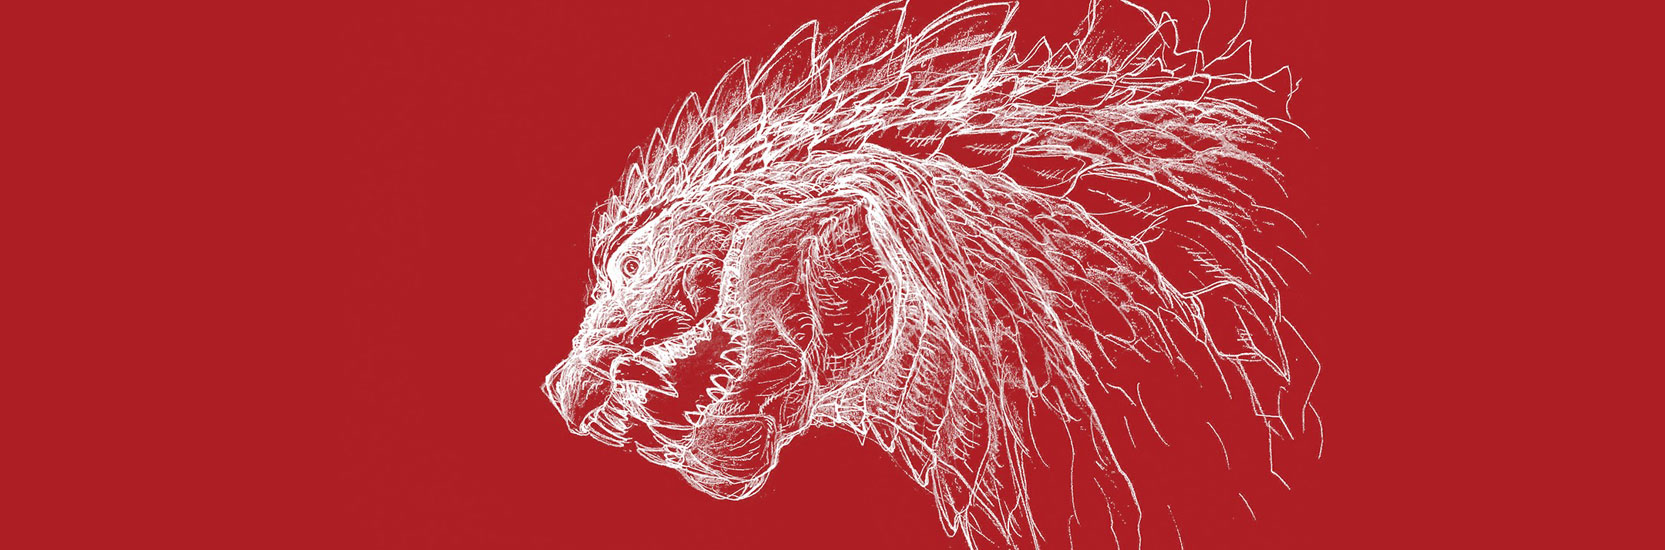 """Netflix annonce une nouvelle série animée """"Godzilla Singular Point"""""""